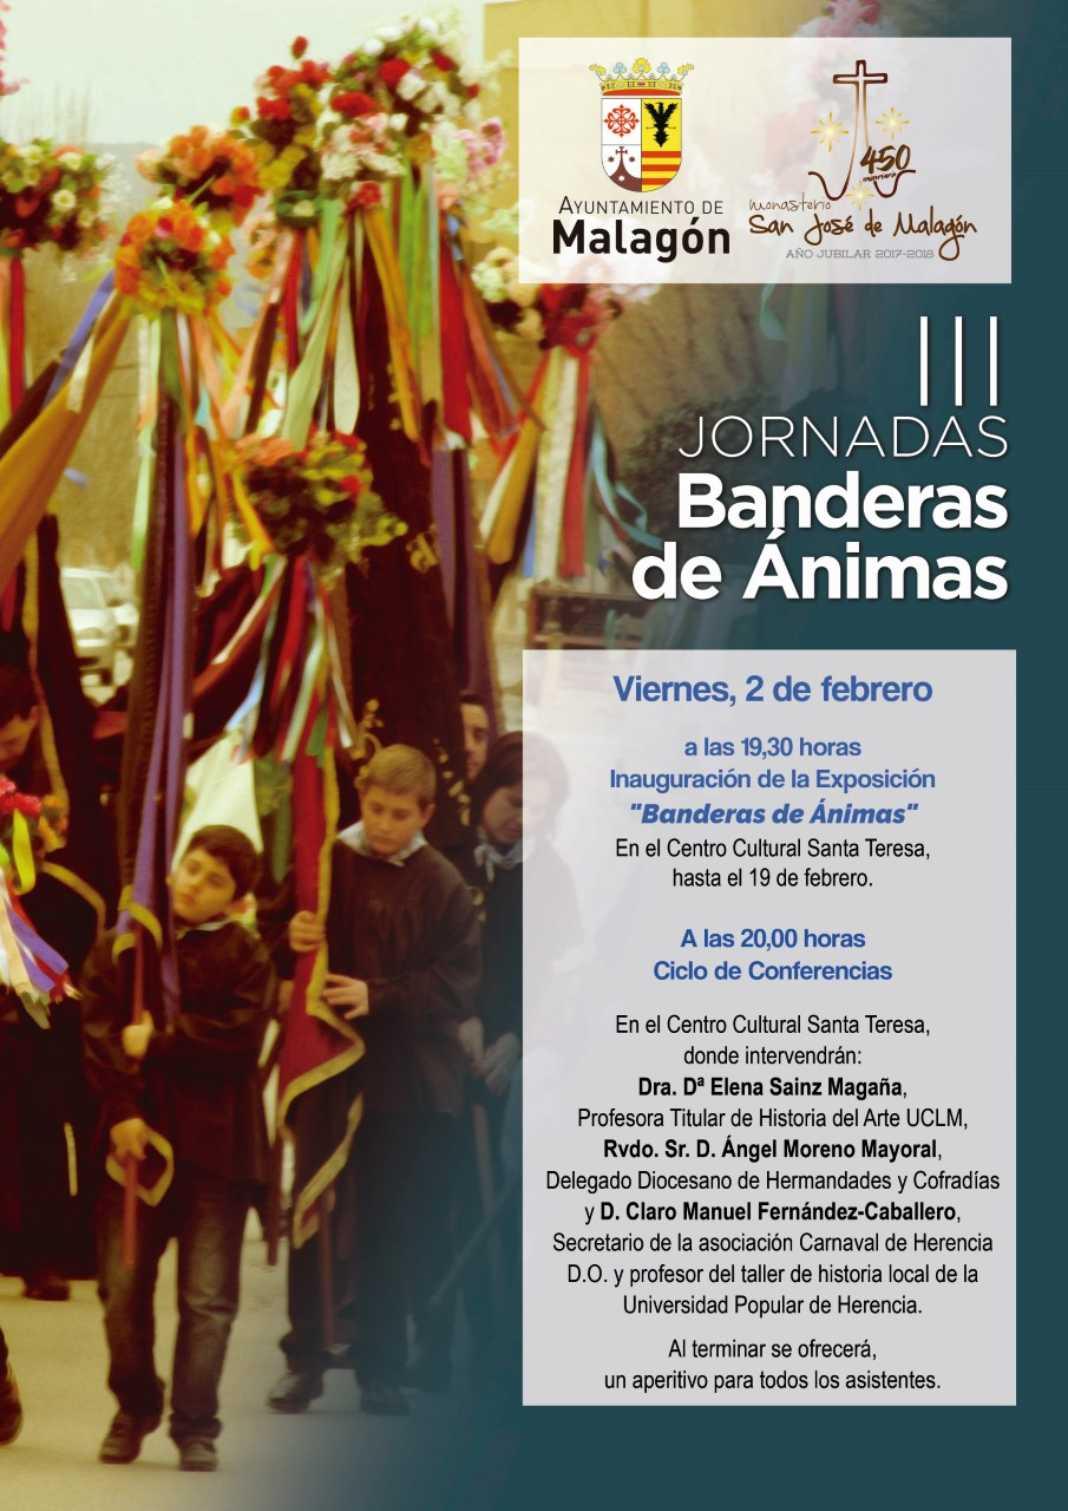 Herencia en las III Jornadas de Banderas de Ánimas en Malagón 4